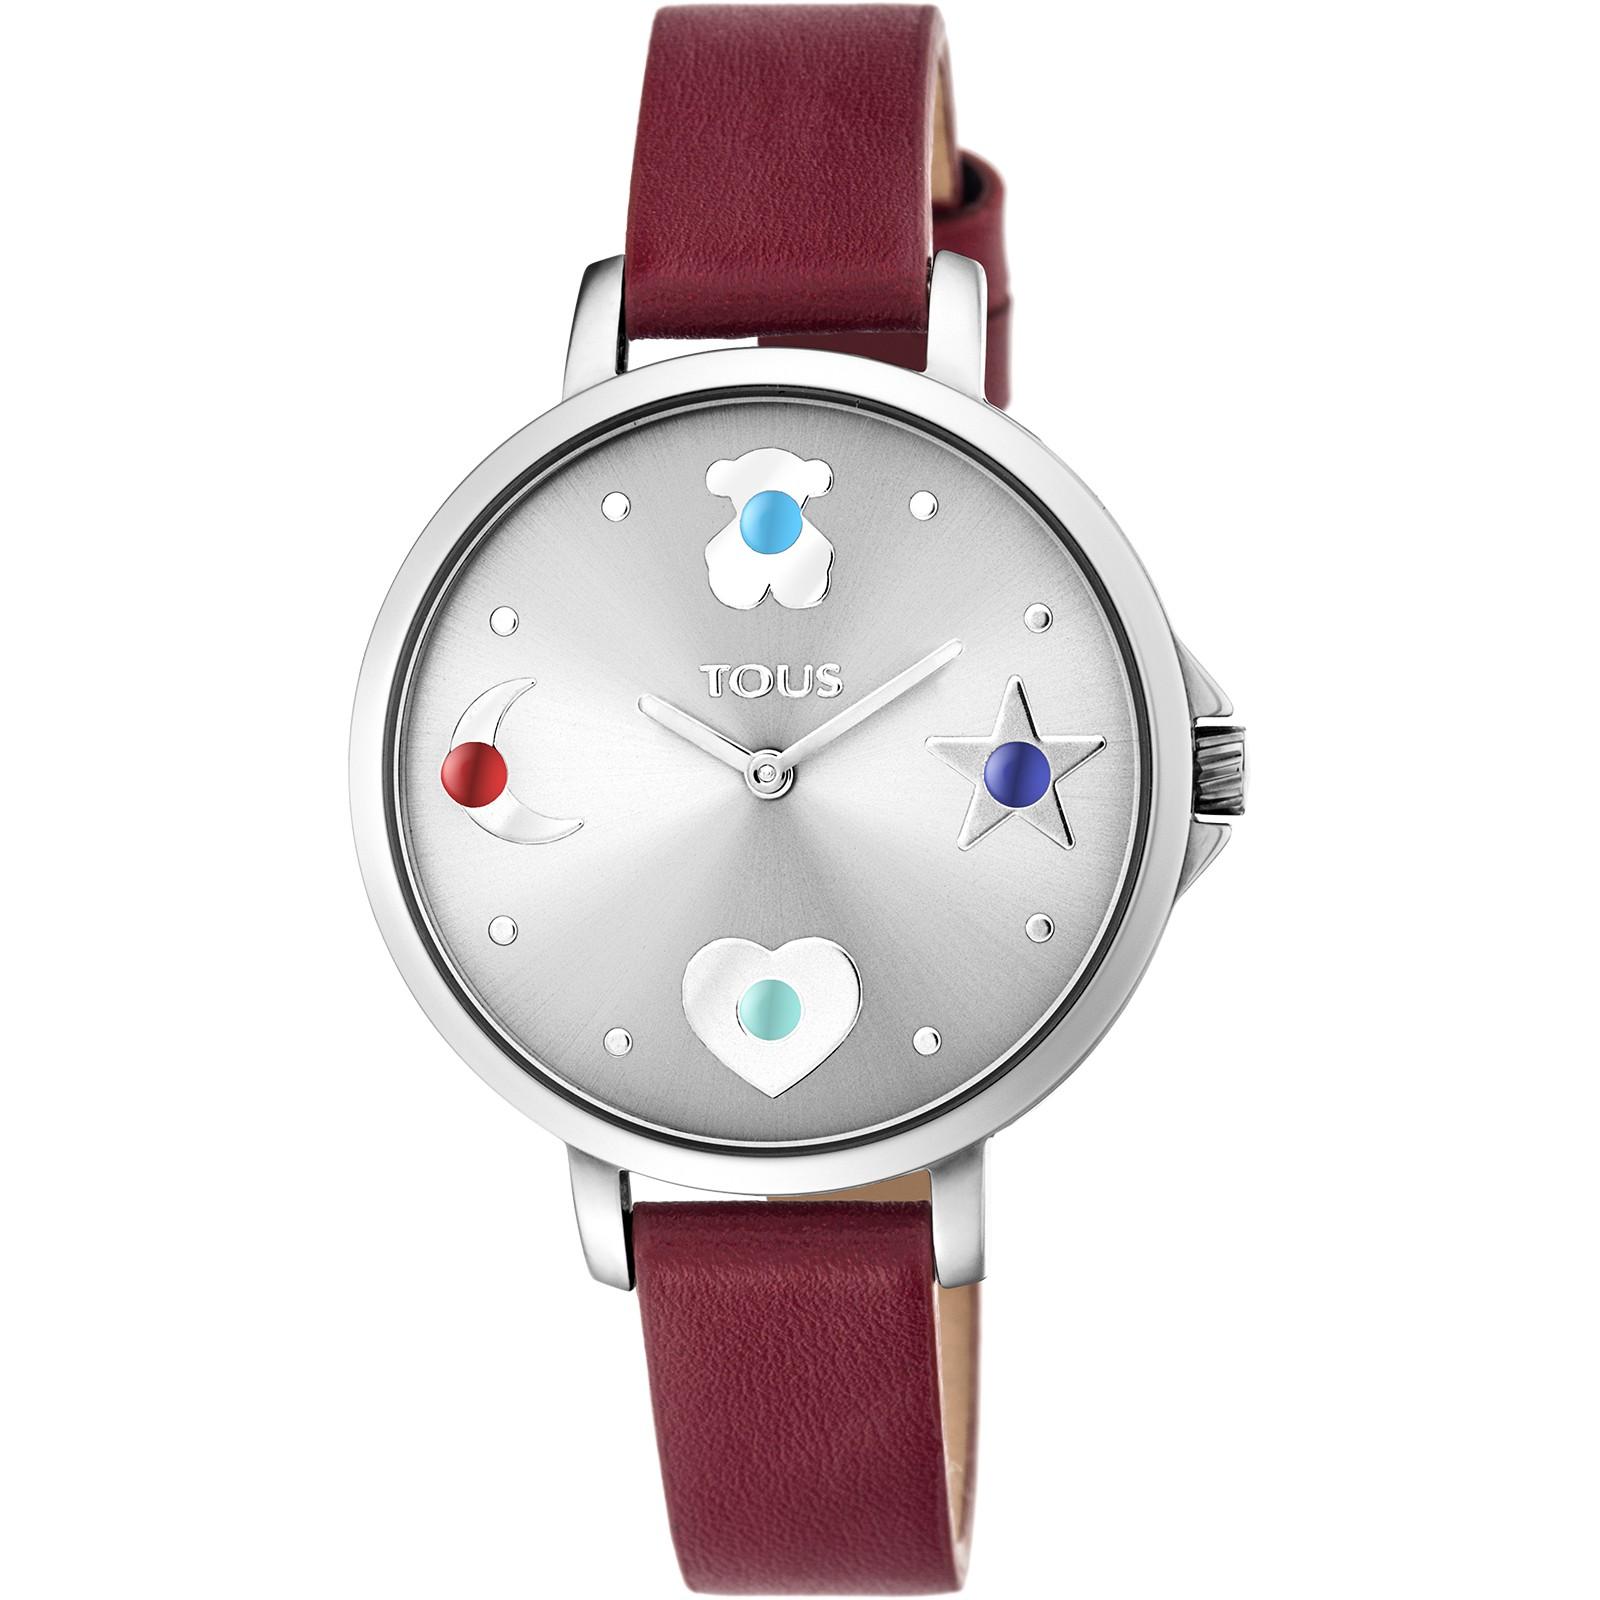 Reloj Super Power Rojo-Plateado de Cuero Tous TTSPS - TDT (B)